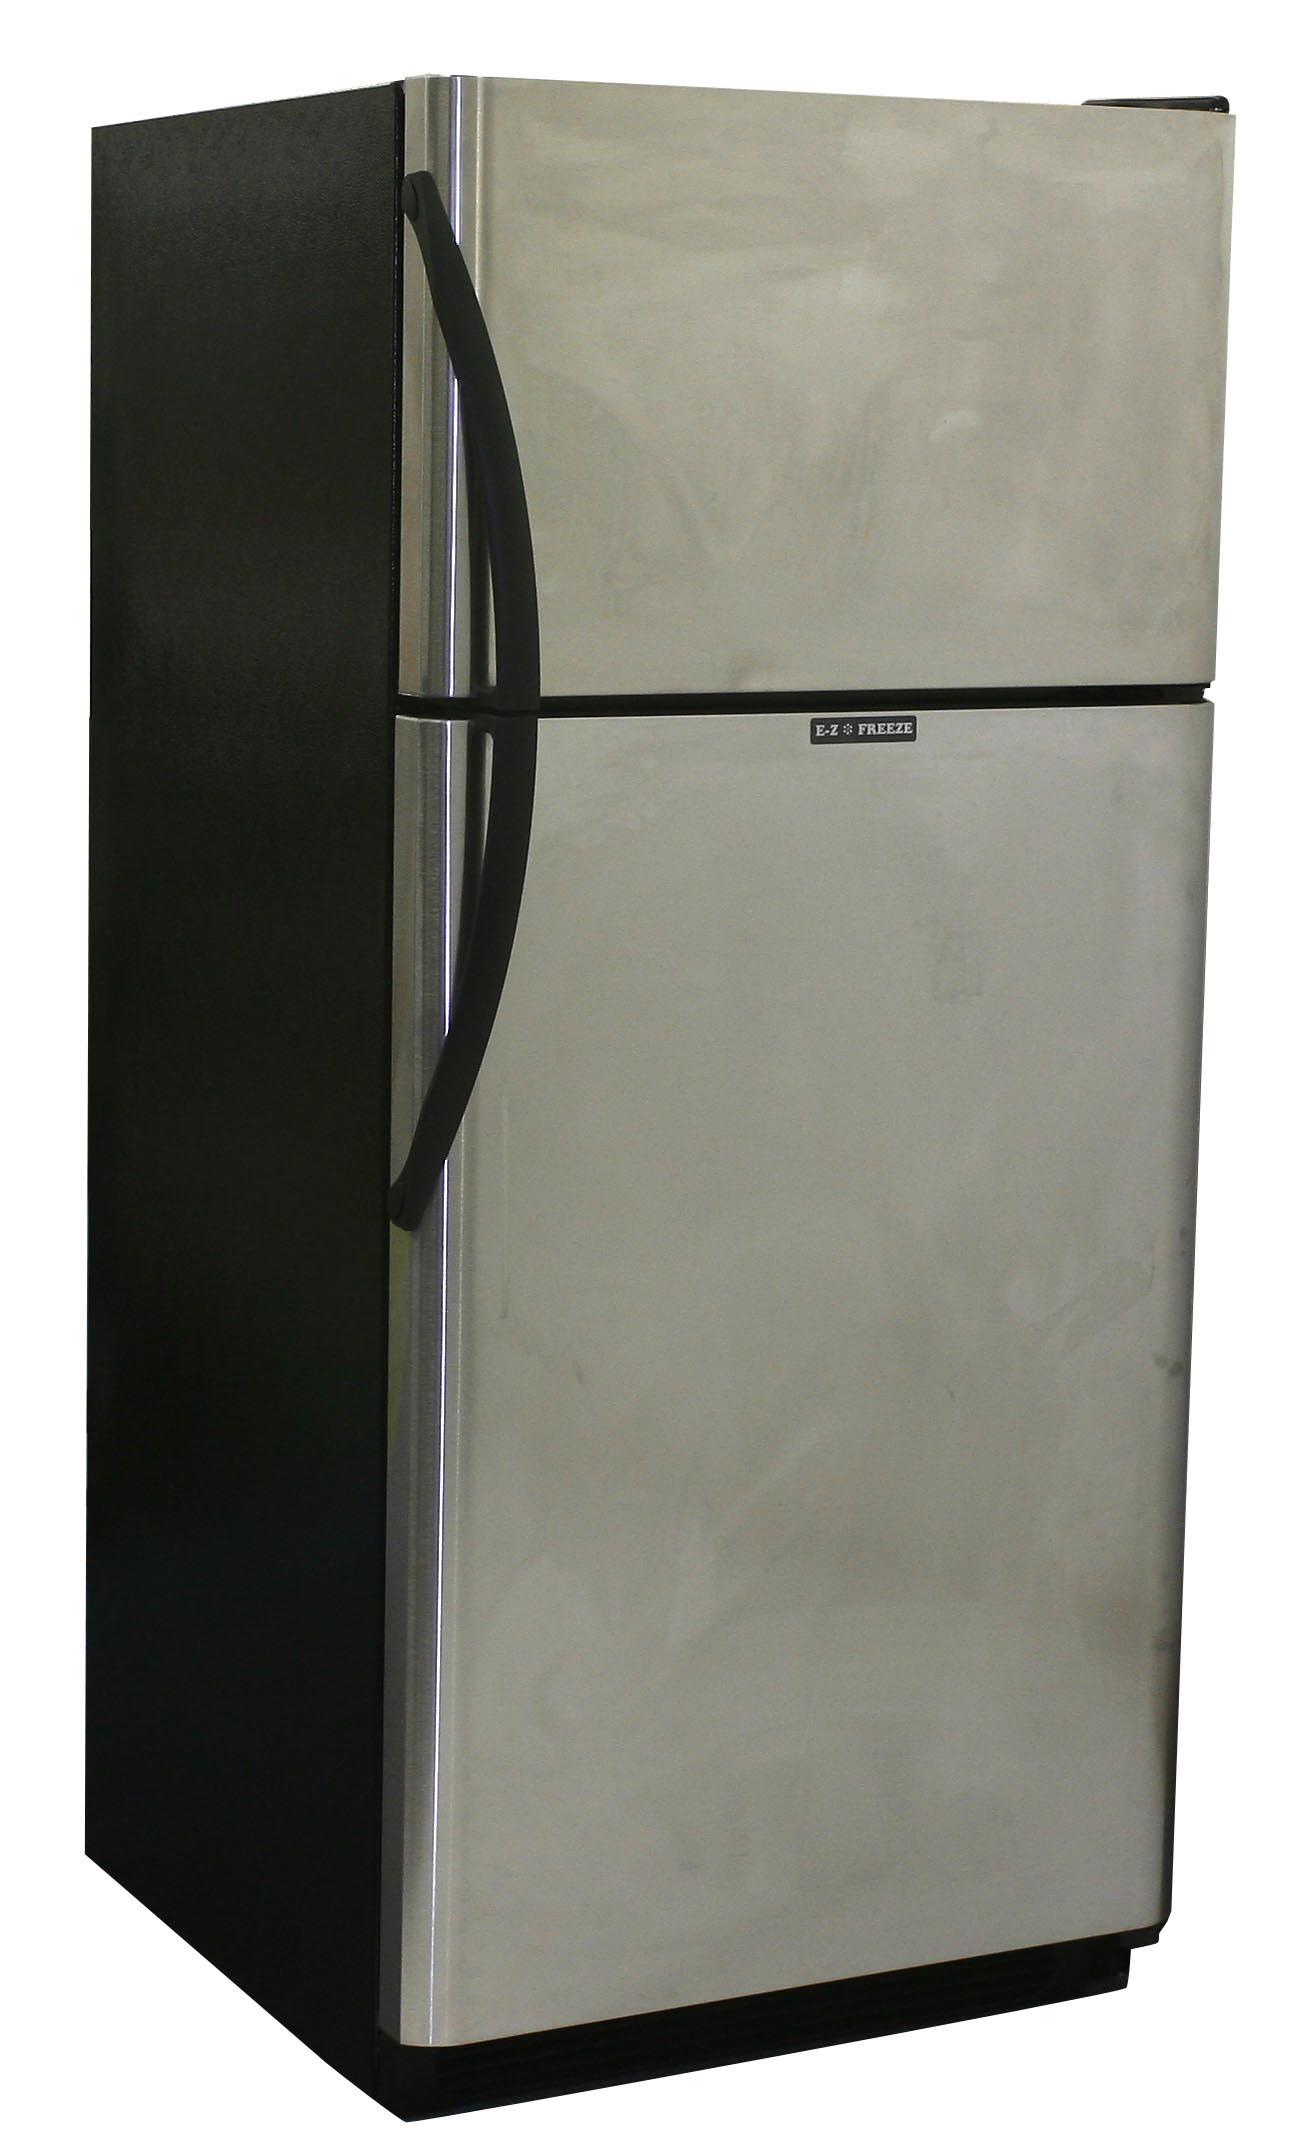 Refrigerator Repair: Propane Refrigerators Repair